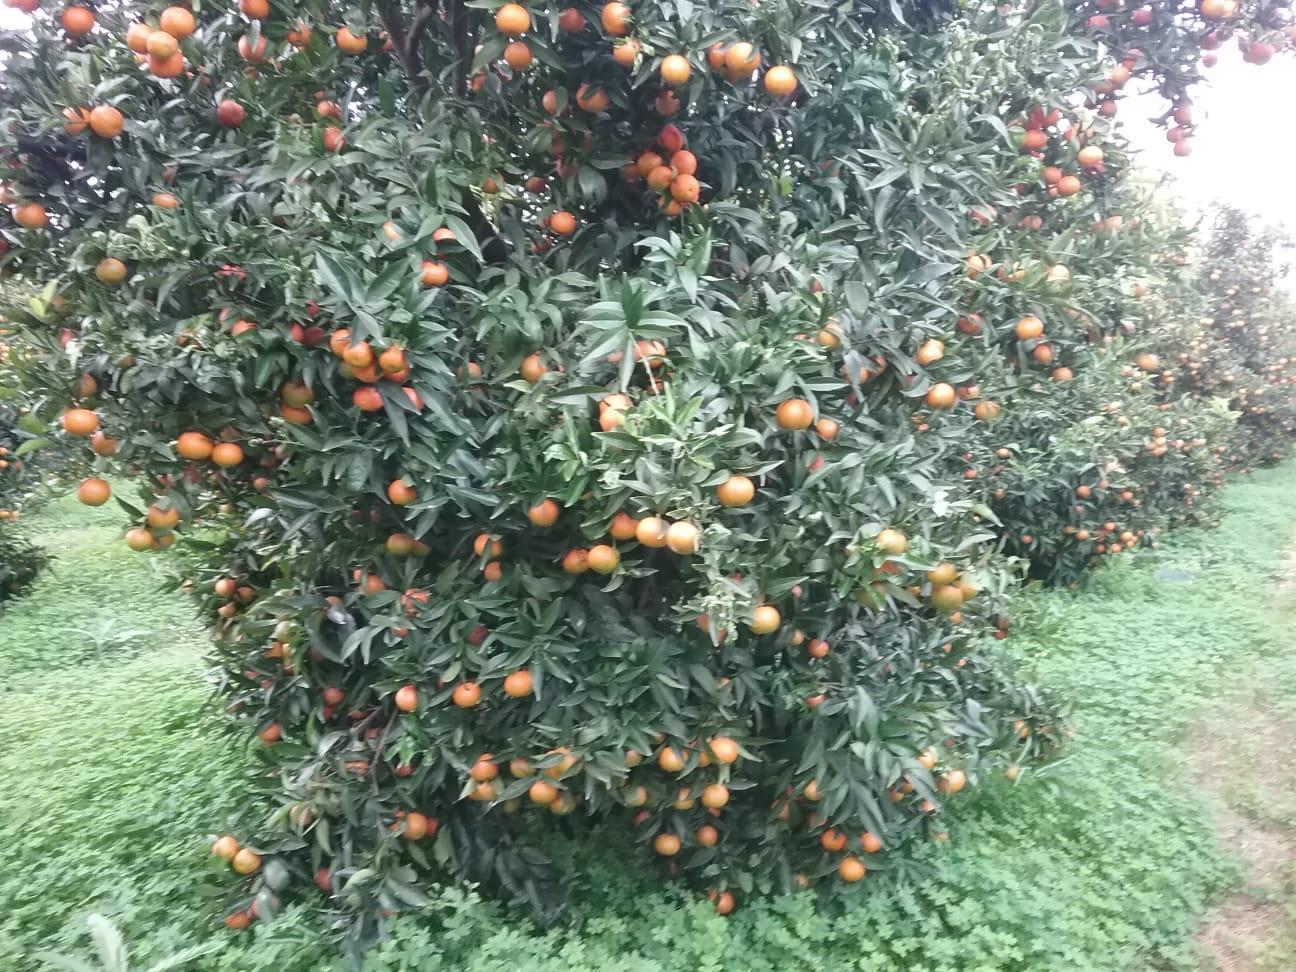 Con il Covid, è crac agrumi a Taranto e provincia per consumi in caduta libera. In campagna clementine a 15 centesimi al chilo